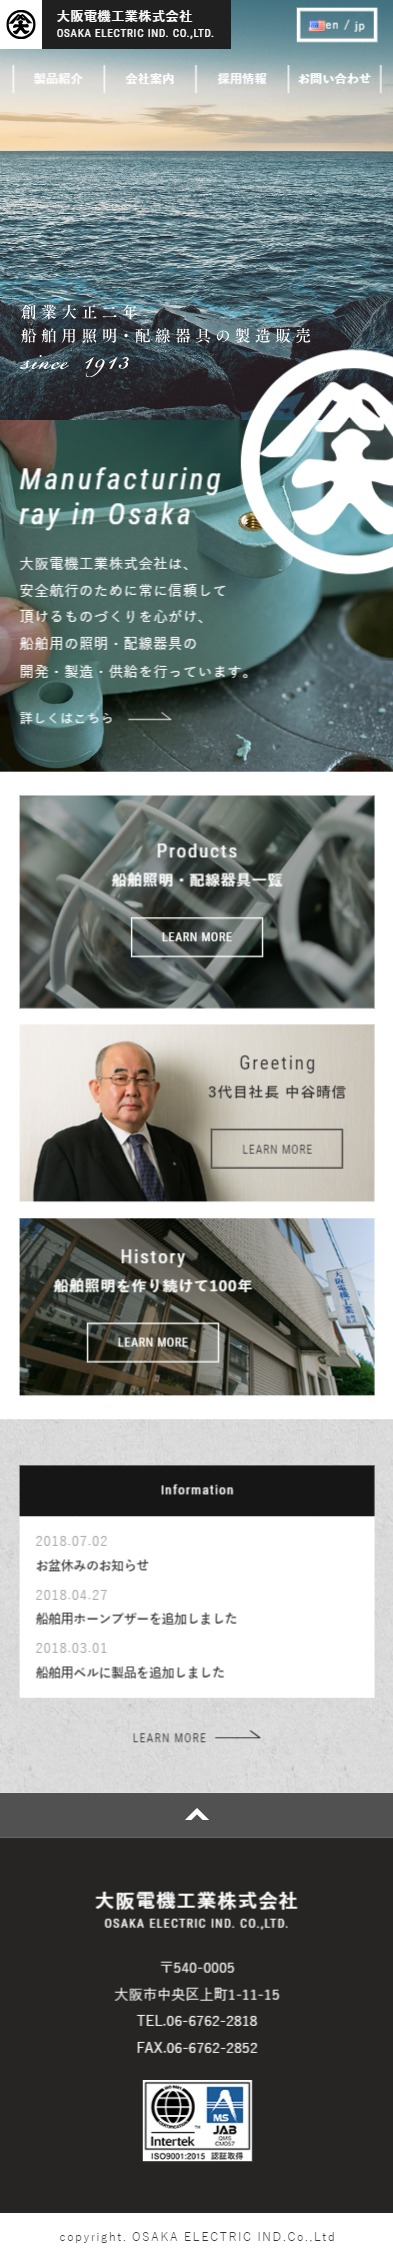 大阪電機工業株式会社スマホ版イメージ